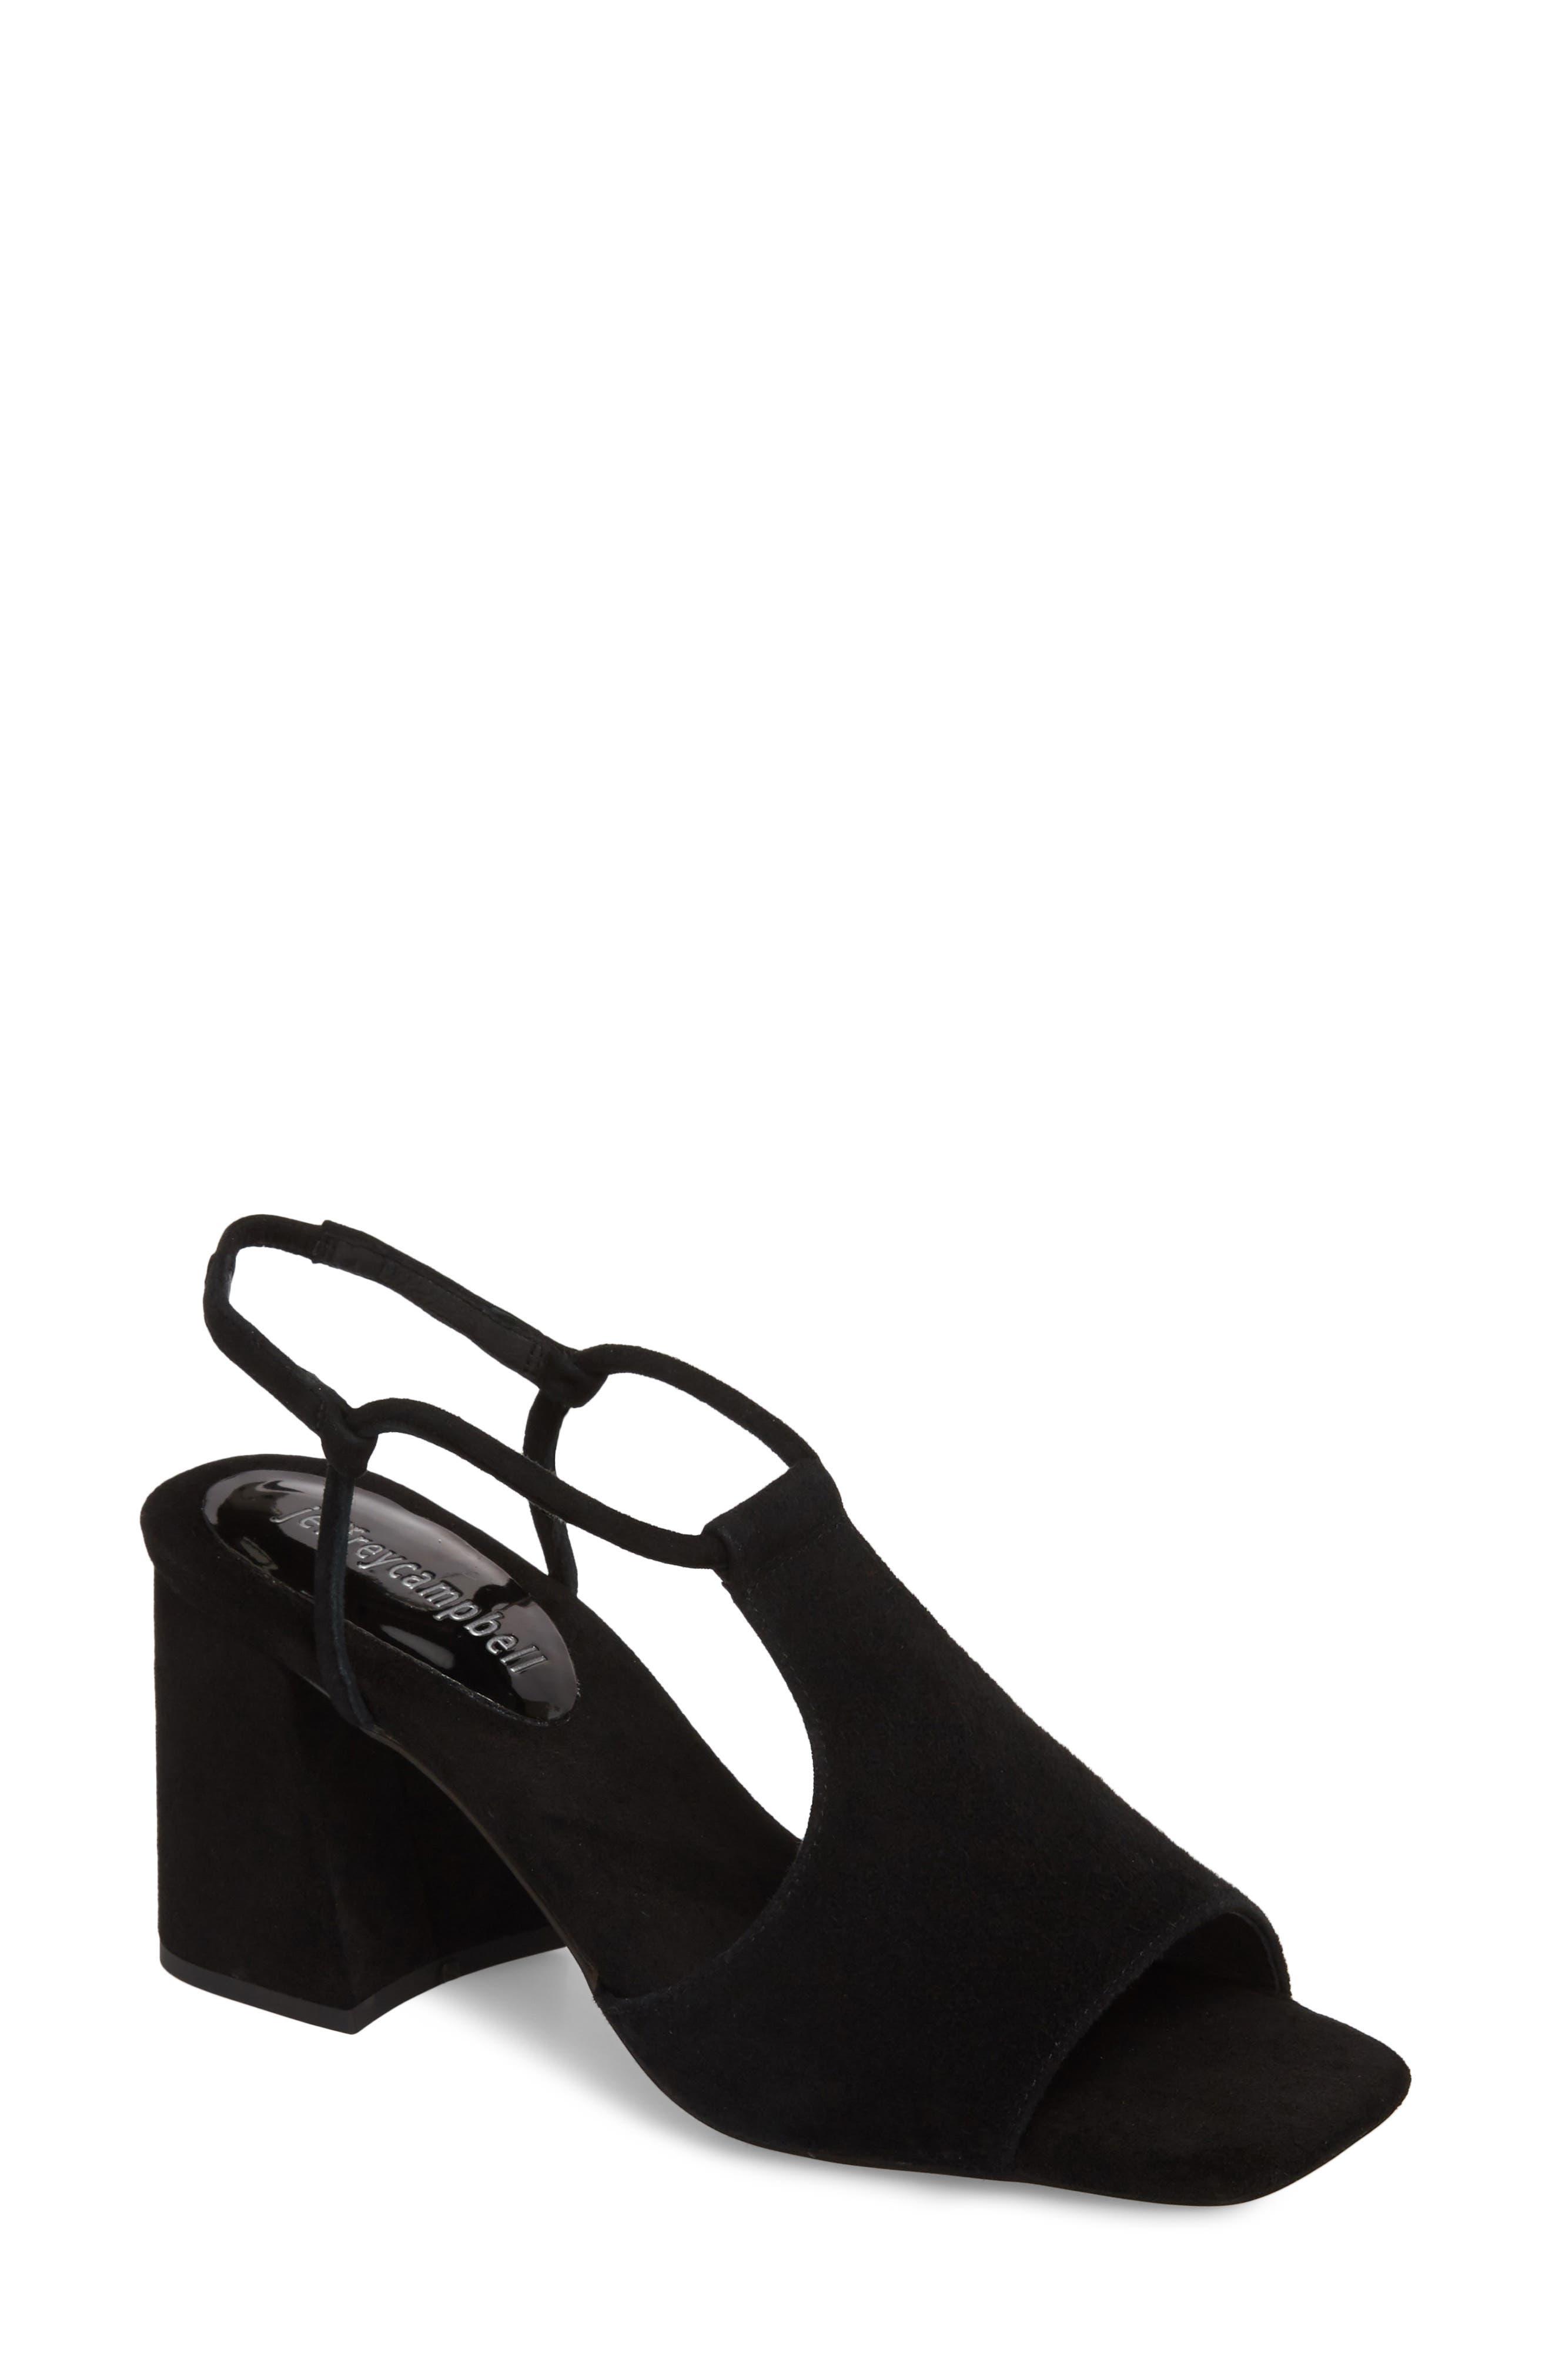 Mercedes Halter Sandal,                             Main thumbnail 1, color,                             Black Suede